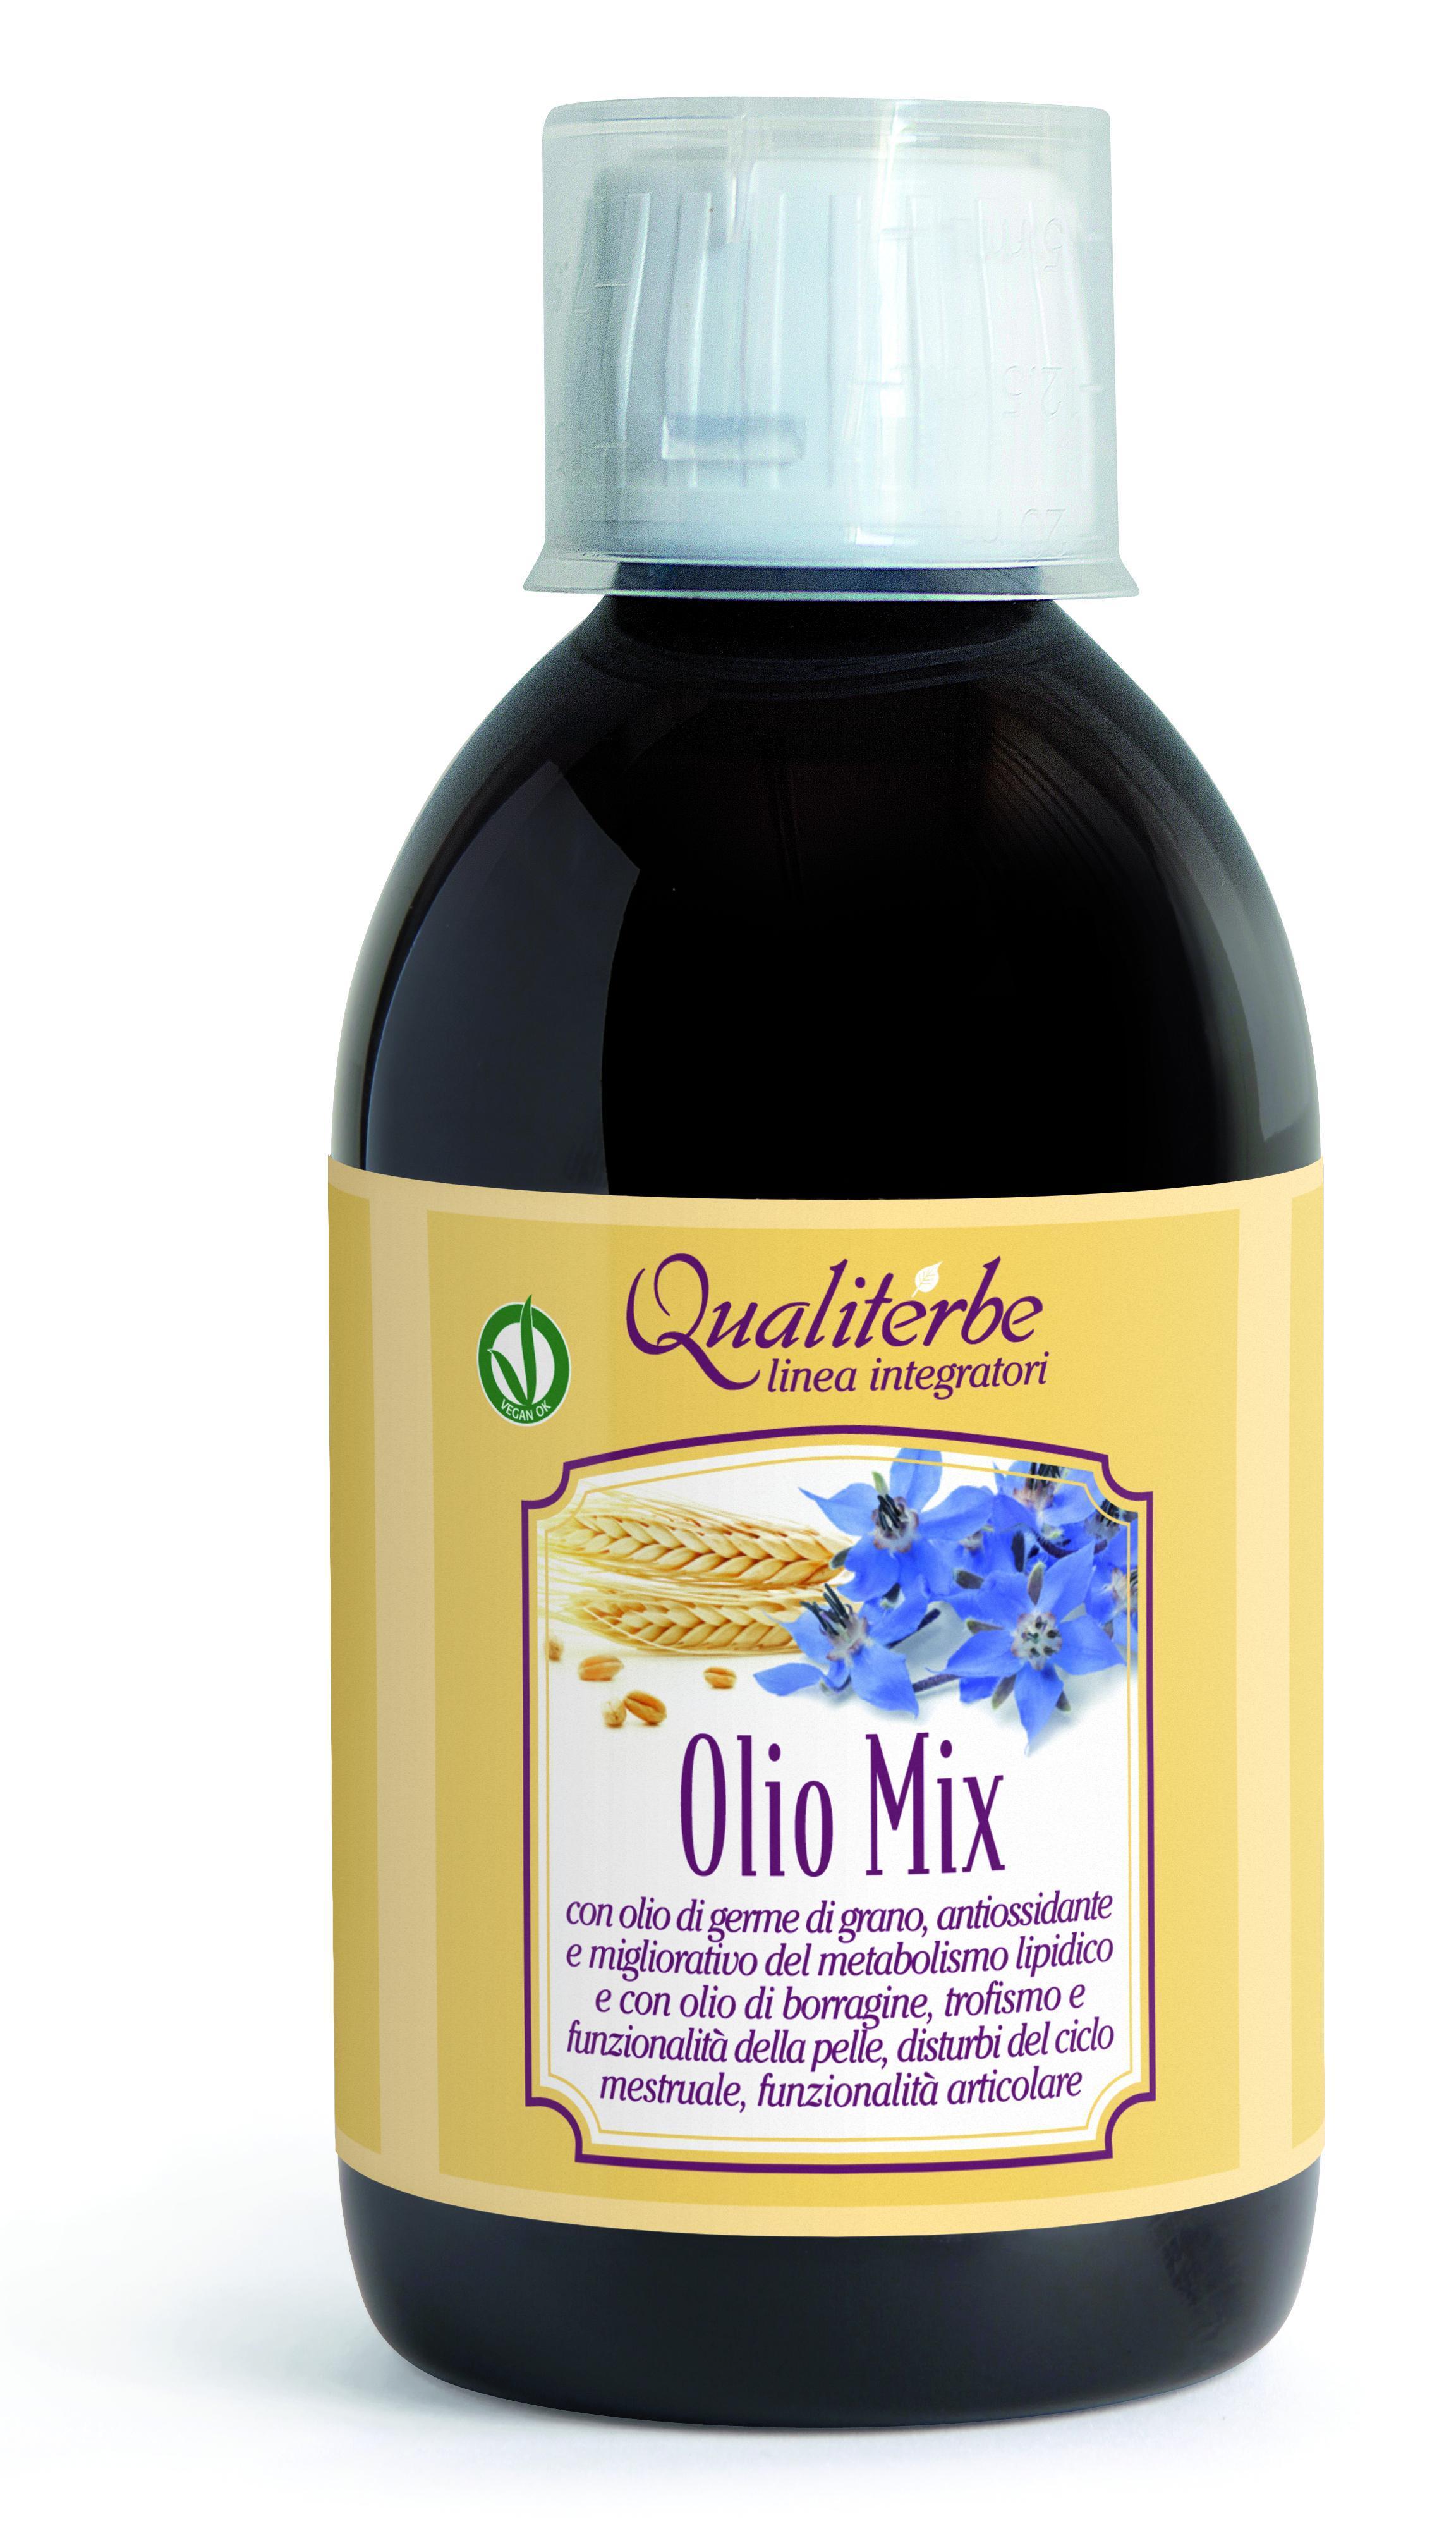 Olio Mix previene l'ipercolesterolemia utile nel trattamento delle dislipidemie e dismetabolie